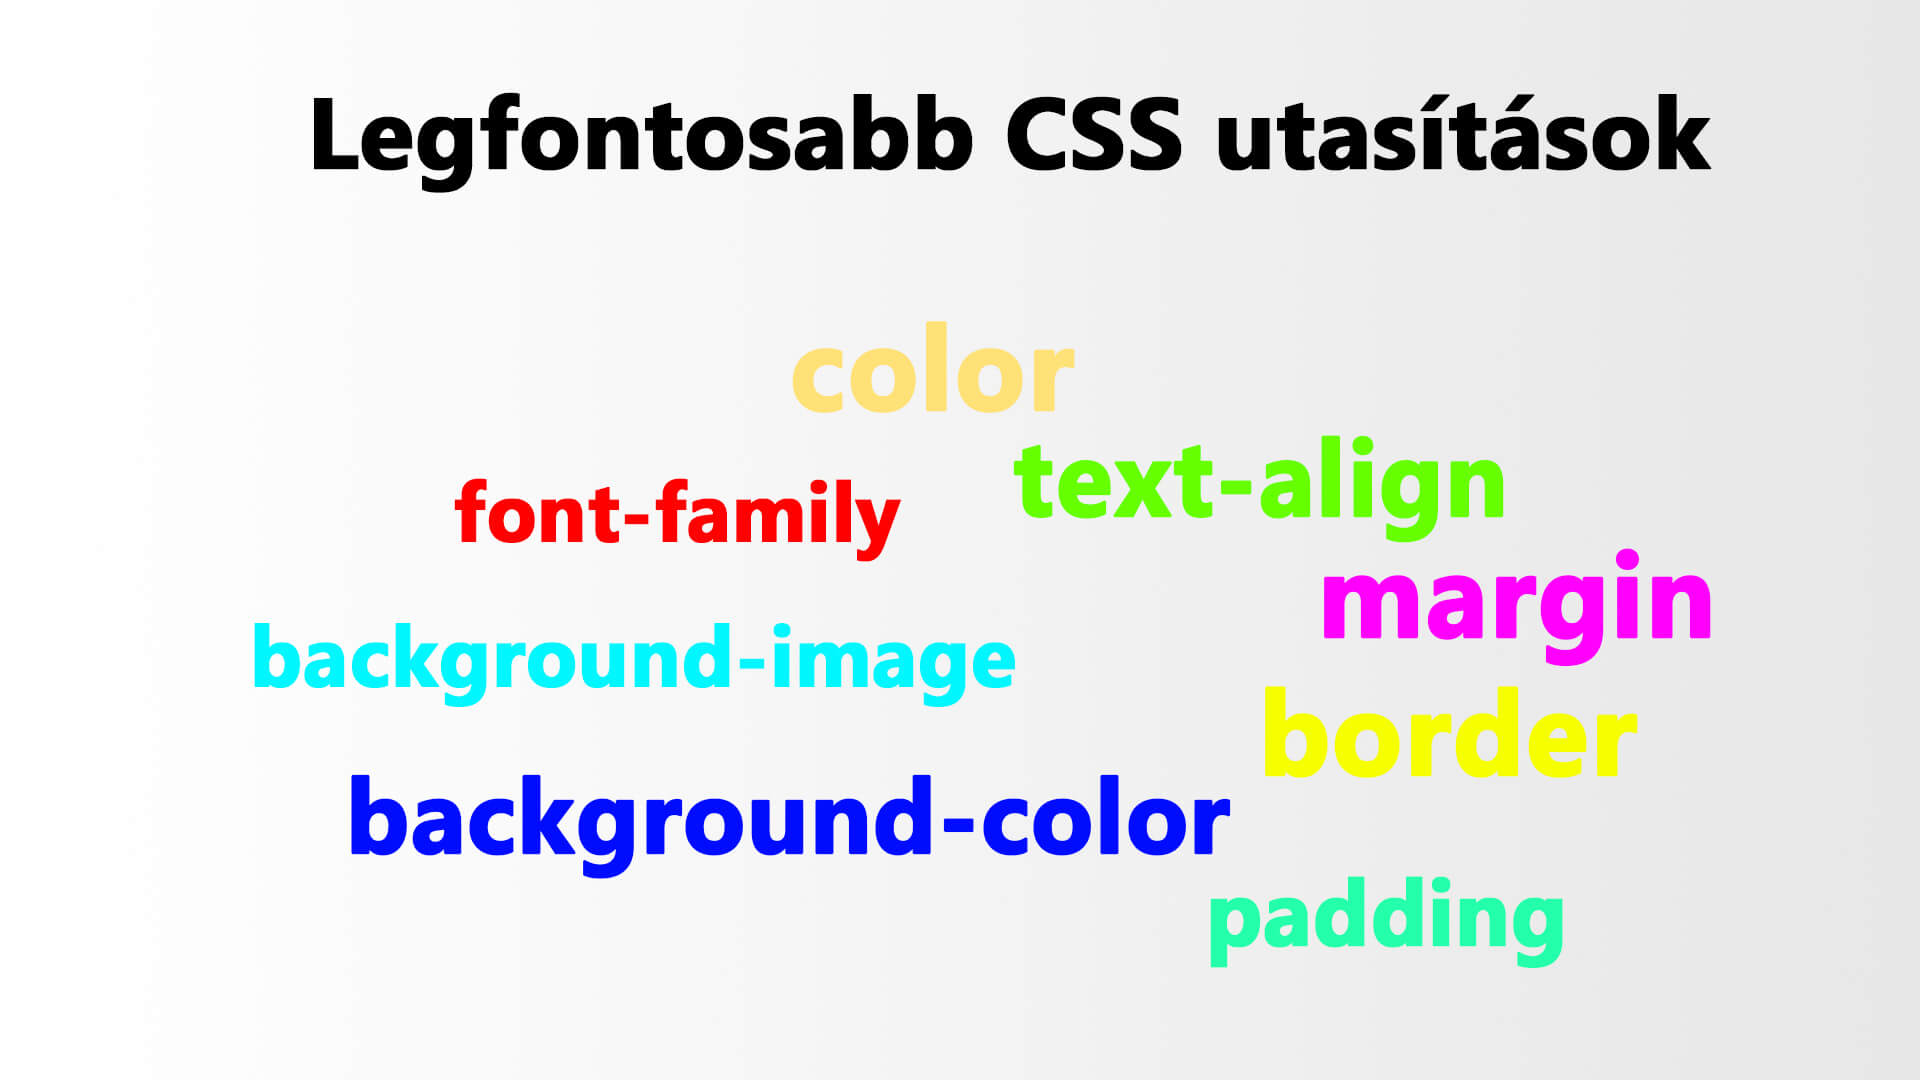 A legfontosabb CSS parancsok, utasítások című cikk nyitóképe